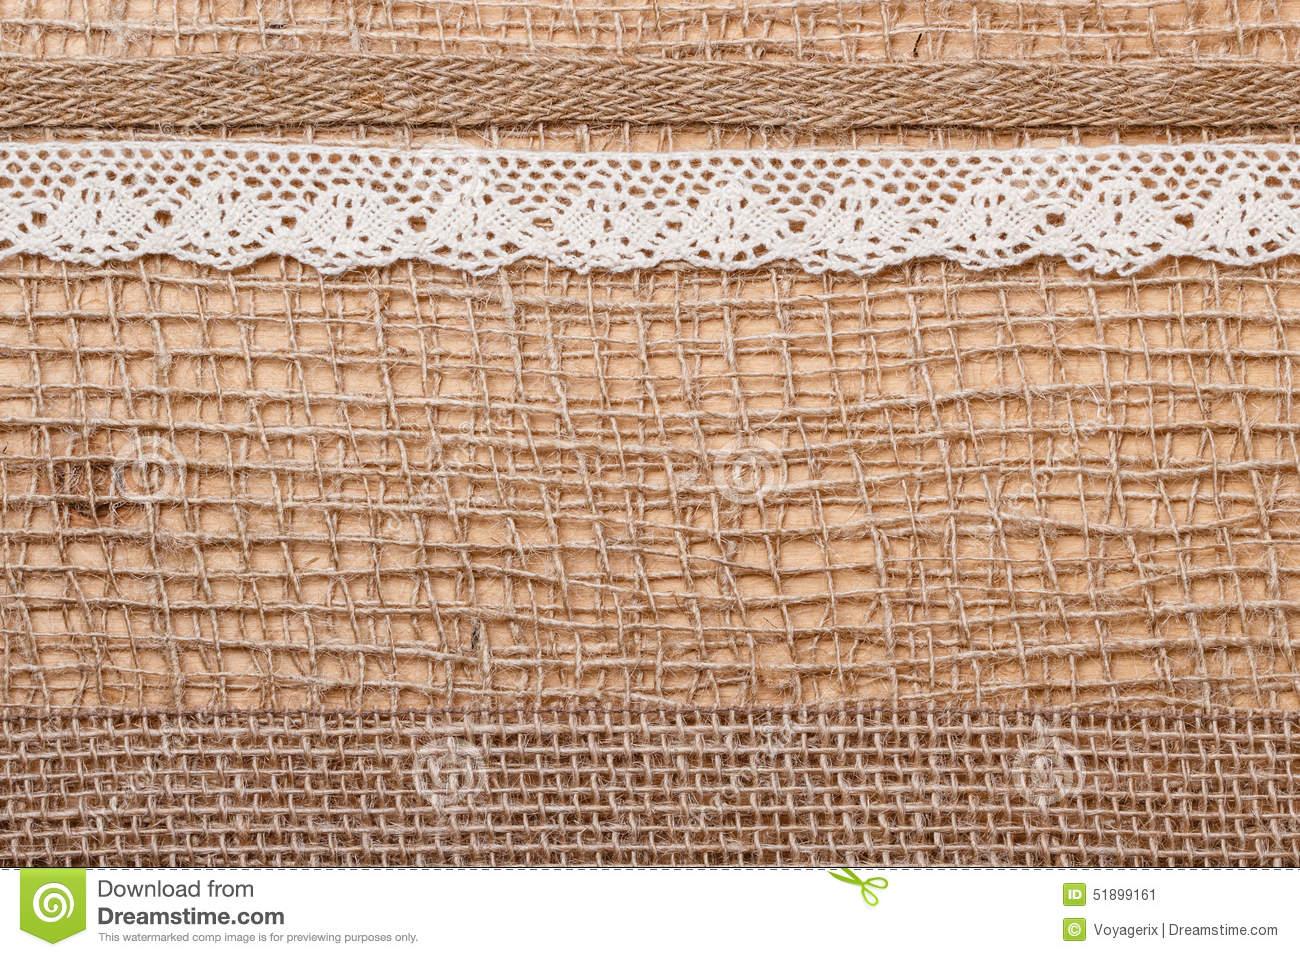 Jute Bagging Ribbon On Brown Mesh Material Natural Burlap.